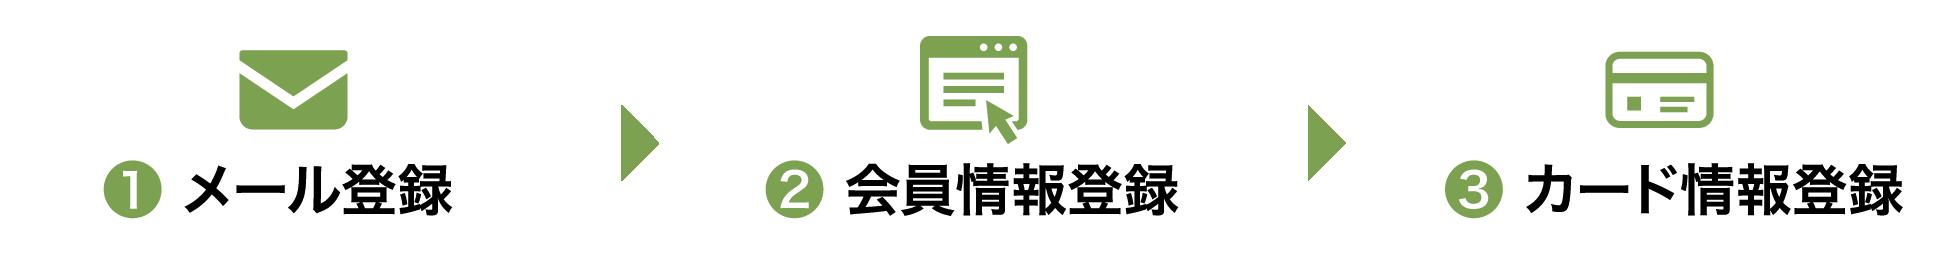 メール登録/会員情報登録/カード情報登録